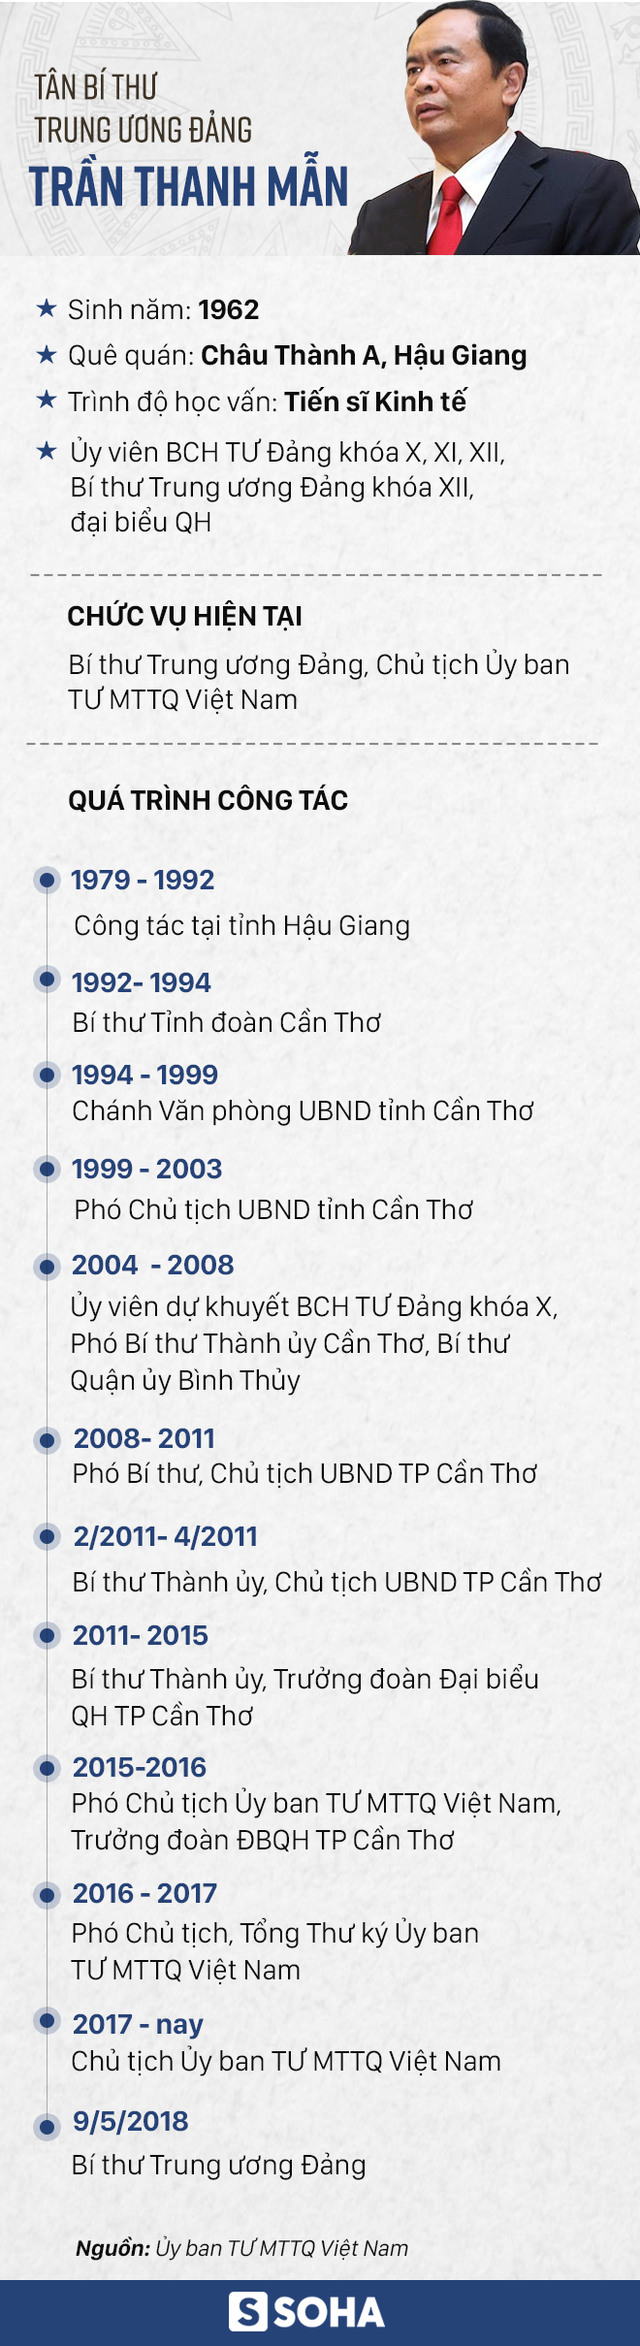 Ông Trần Thanh Mẫn và ông Trần Cẩm Tú được bầu bổ sung vào Ban Bí thư Trung ương - Ảnh 3.